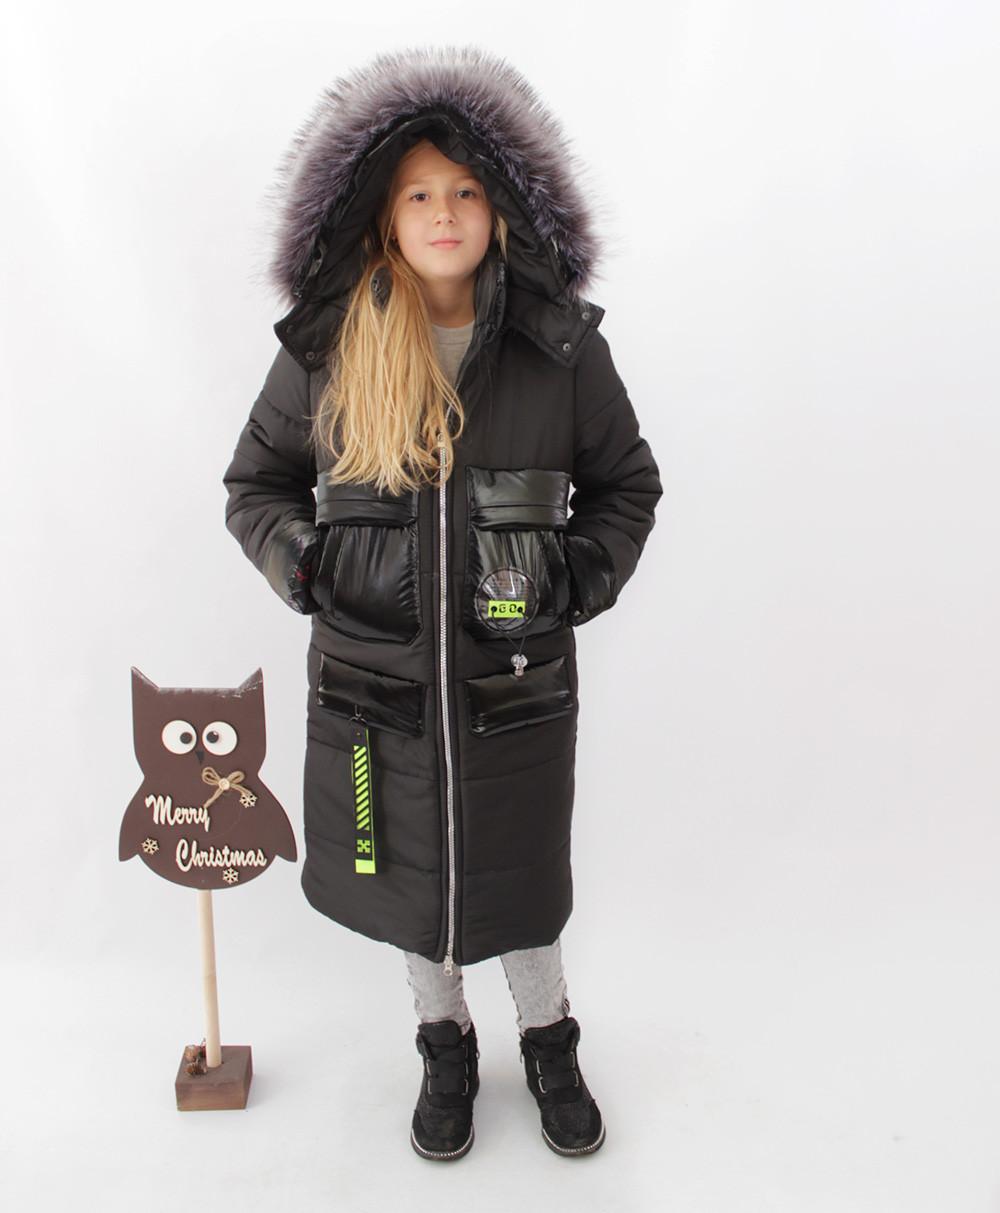 Пальто подростковое  для девочек на зиму. Новинка.